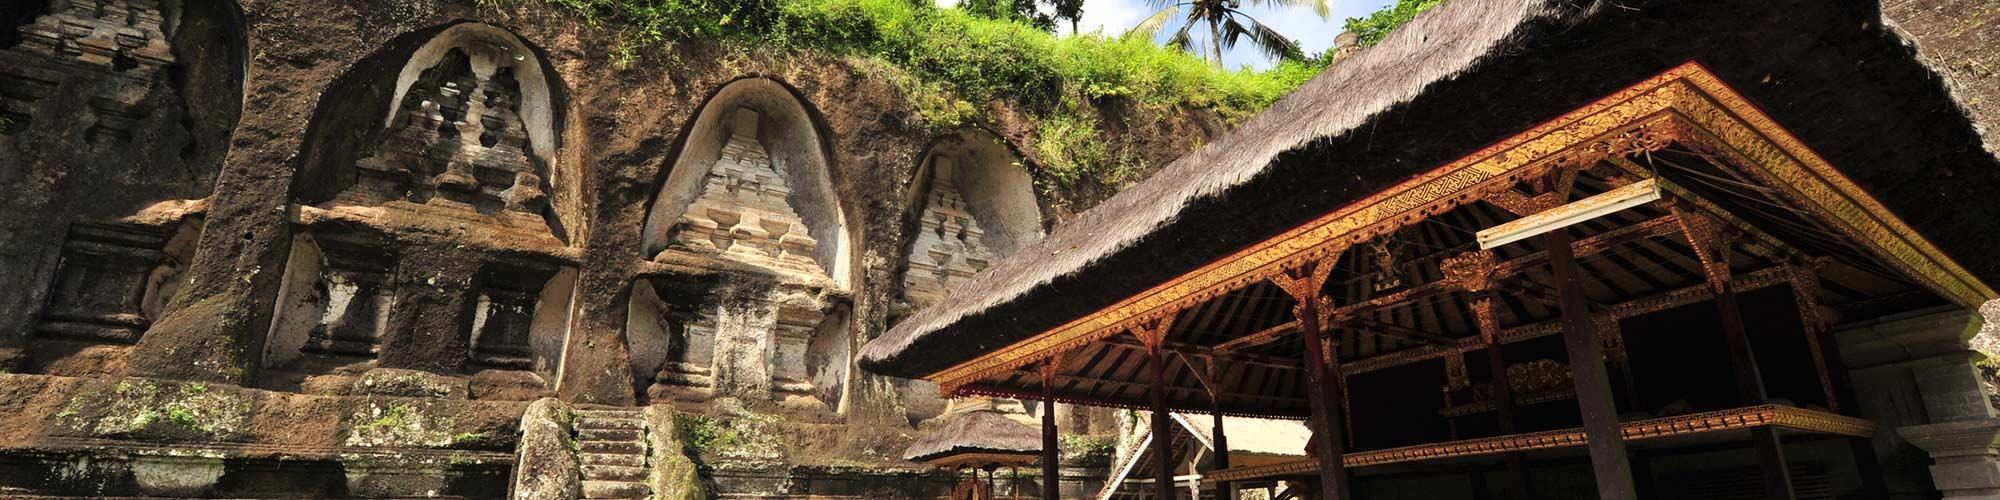 Gunung Kawi, Bali - El Pais Viajes